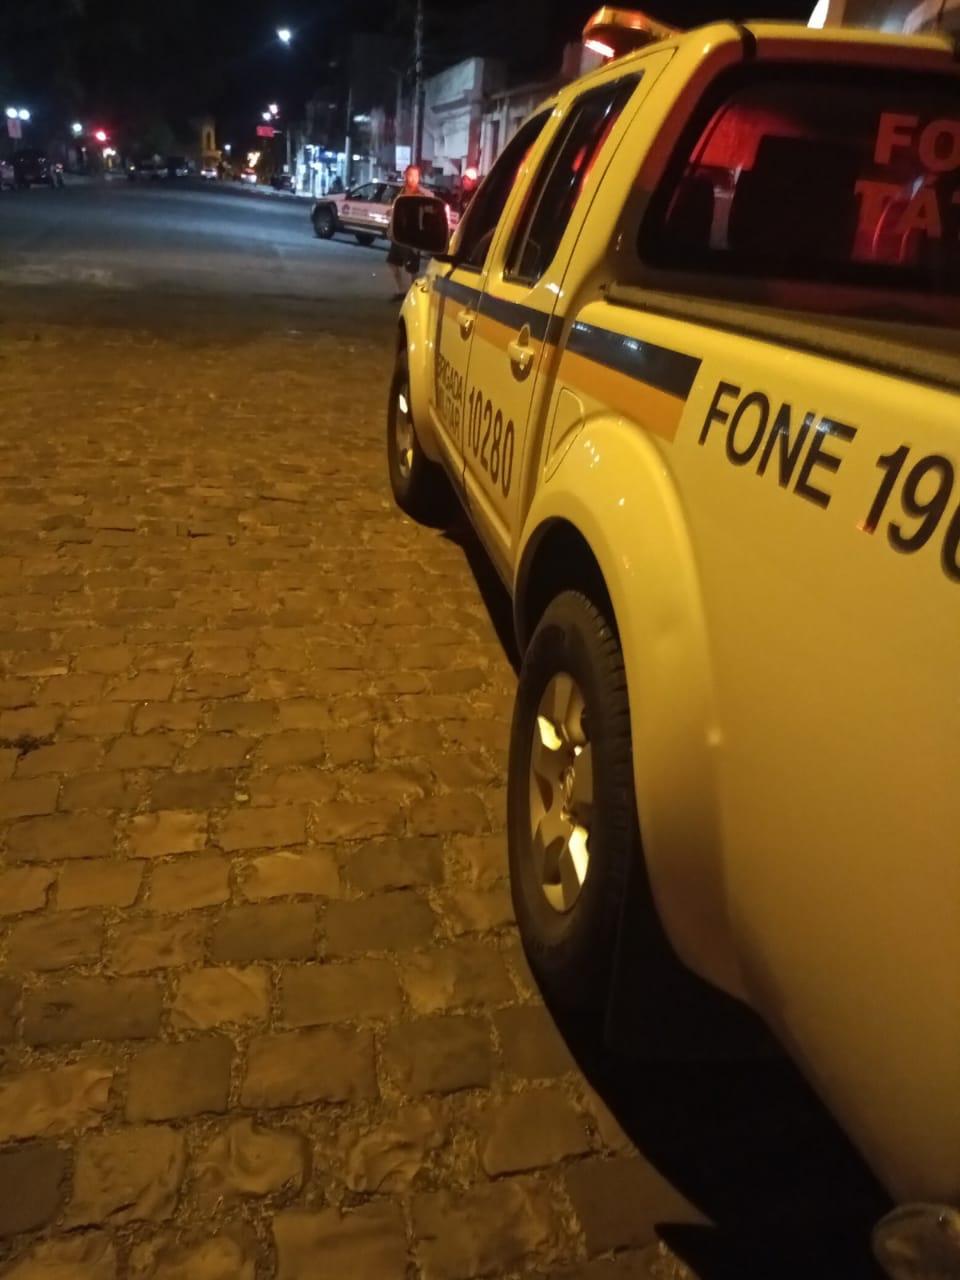 Brigada Militar dispersa aglomerações durante a madrugada em Alegrete